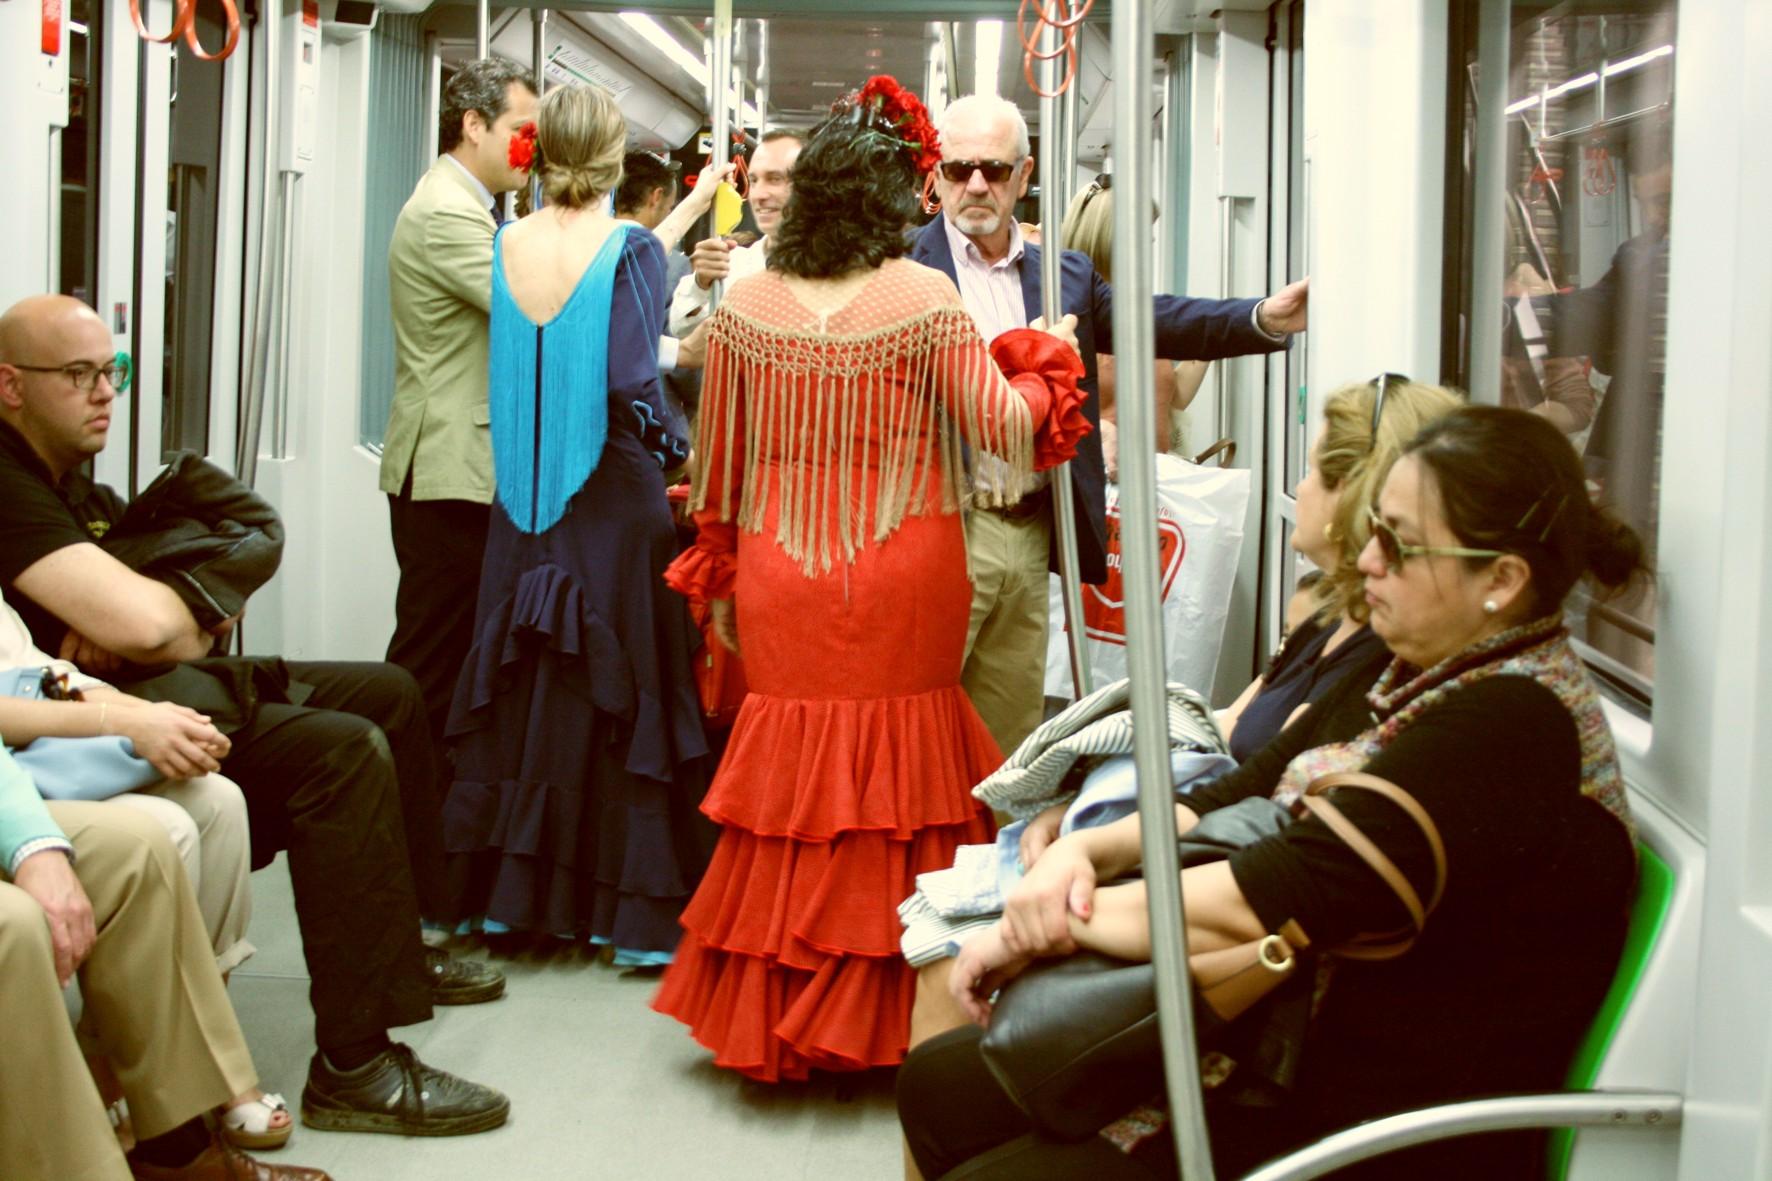 El transporte público es la mejor manera de llegar al Real de la Feria.